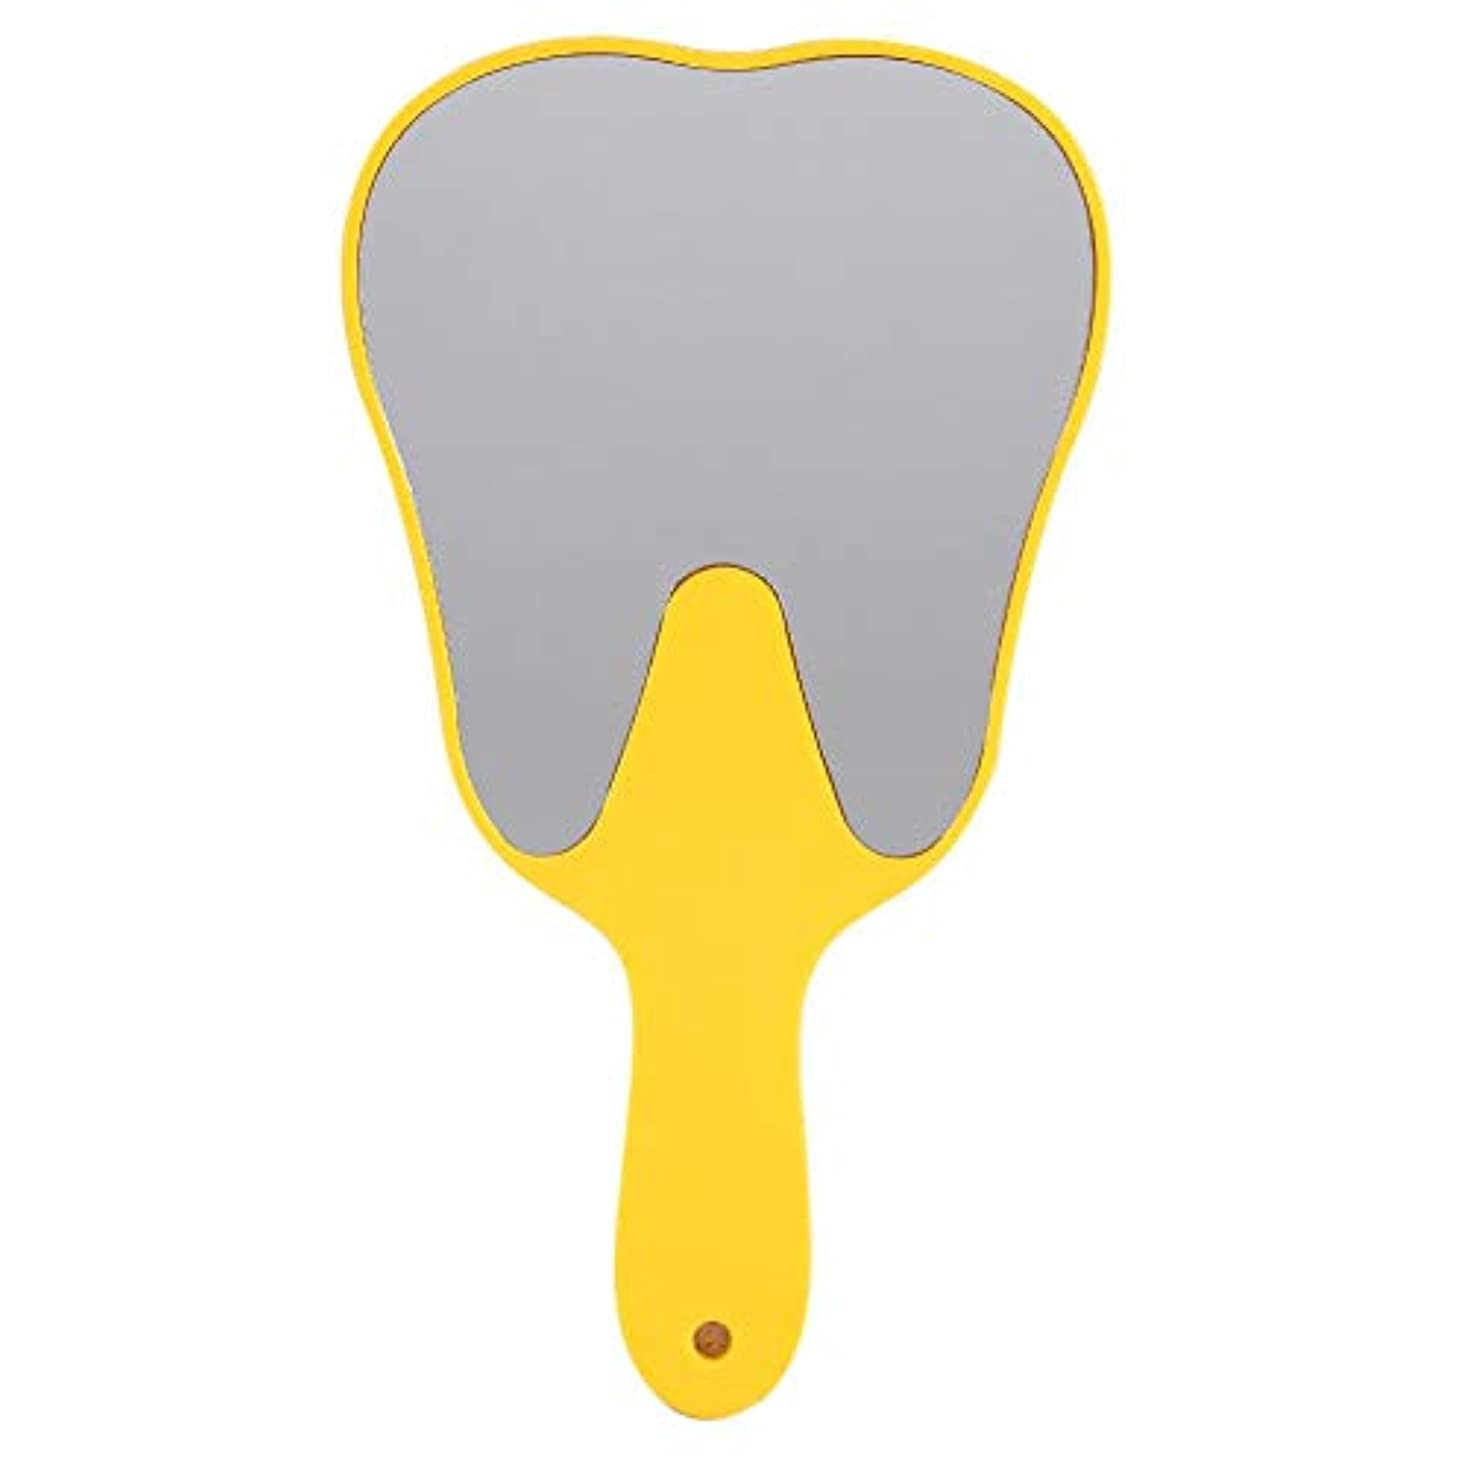 グレー関連付ける突破口歯鏡 おしゃれな便利なかわいいプラスチックハンドル 歯科ケアハンドミラーツール (1#)